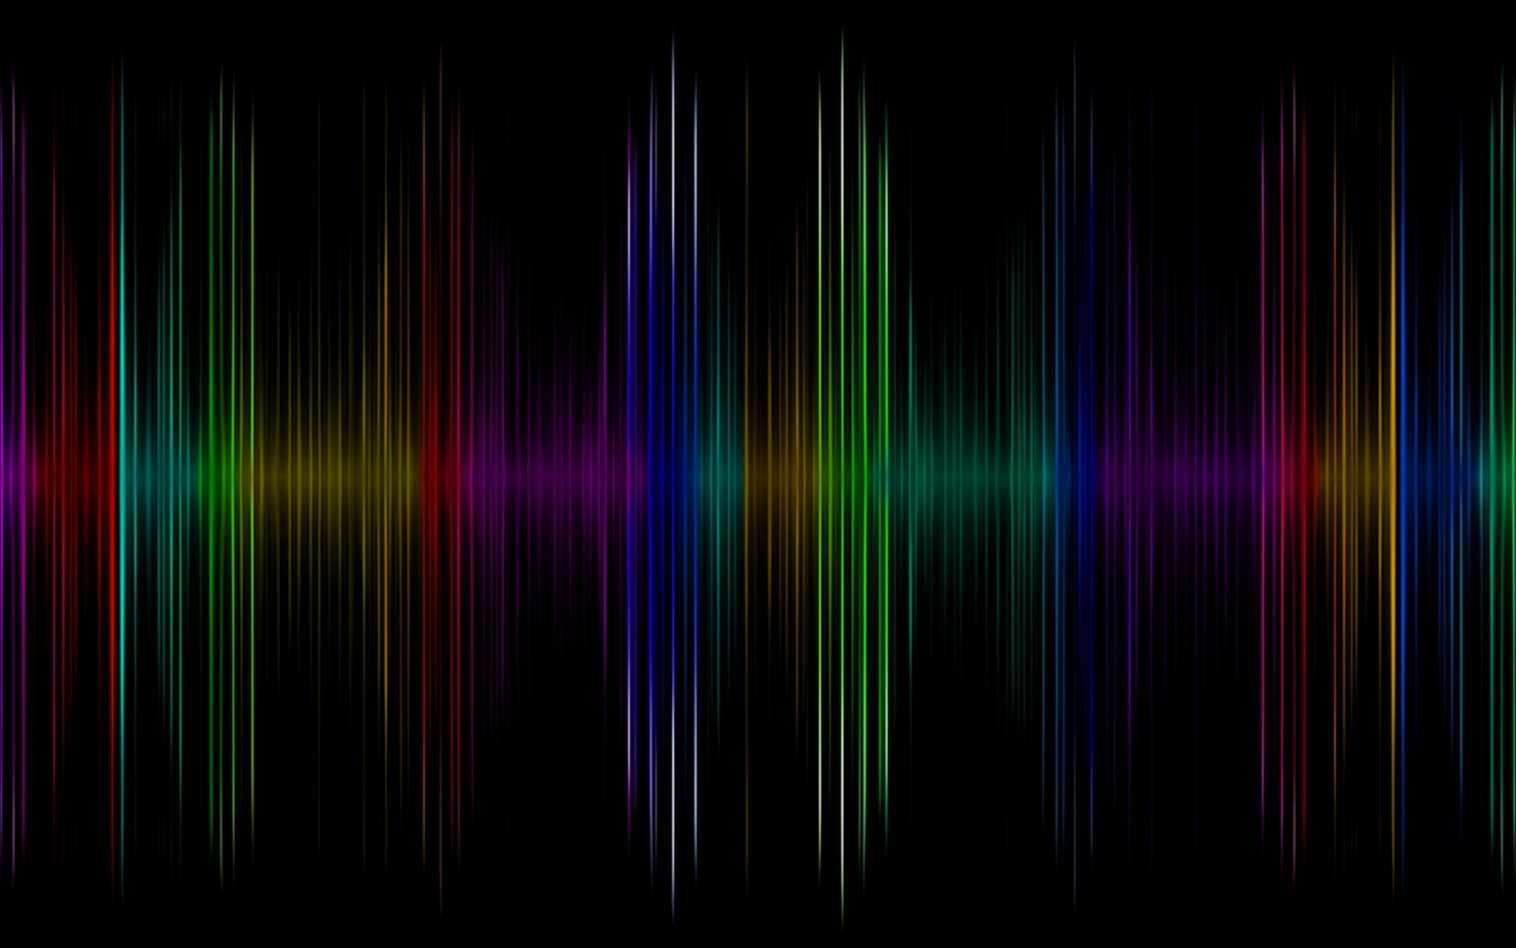 En décembre dernier, Microsoft Research annonçait que d'ici quatre à cinq ans, les ordinateurs seraient aussi performants que les humains pour retranscrire les conversations. Il semblerait que ses chercheurs aient trouvé le moyen d'aller beaucoup plus vite. © Zurbagan, Shutterstock